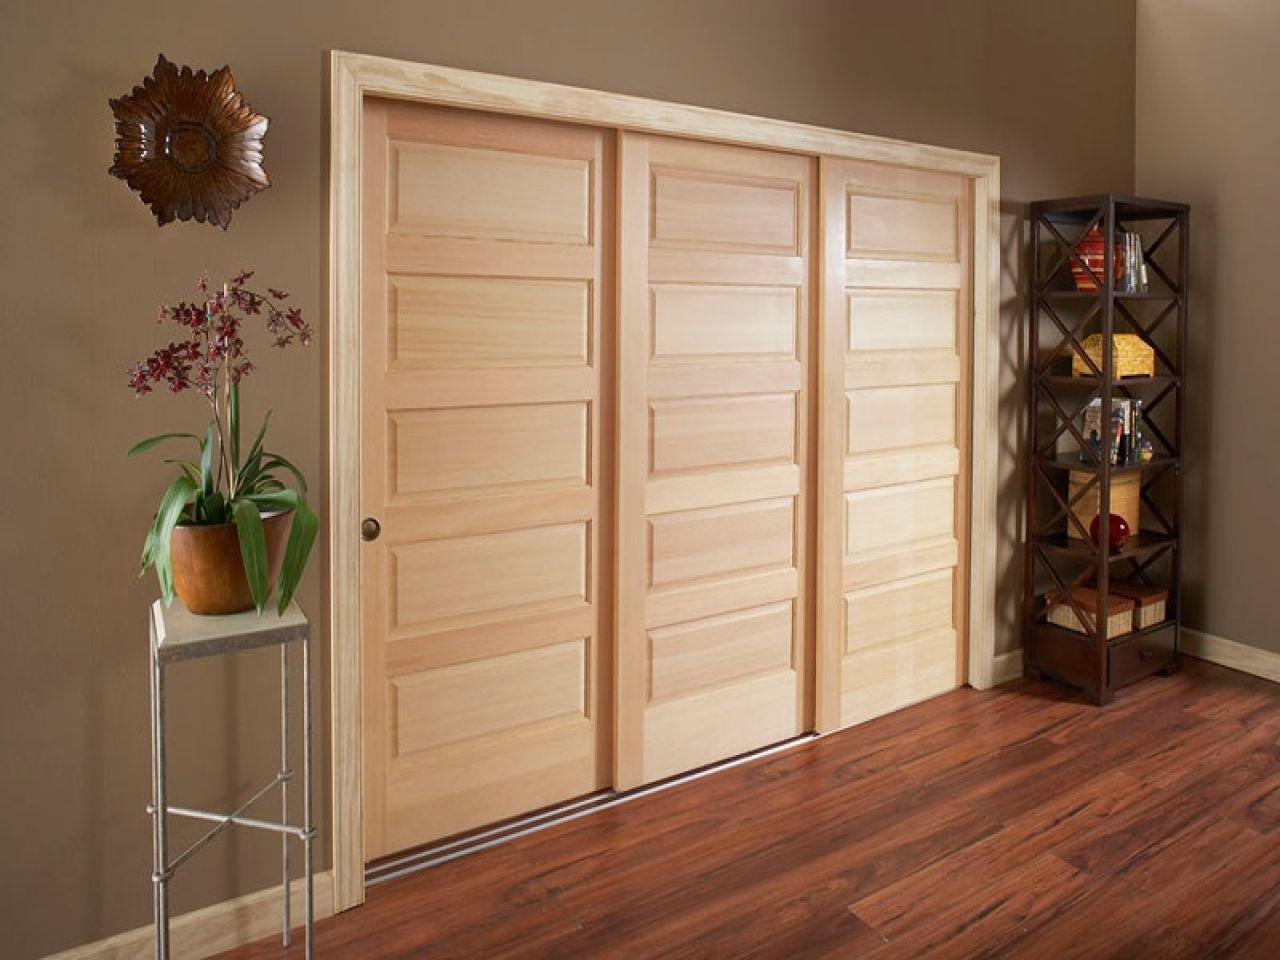 3 Door Sliding Bypass Closet Doors | http://sourceabl.com | Pinterest